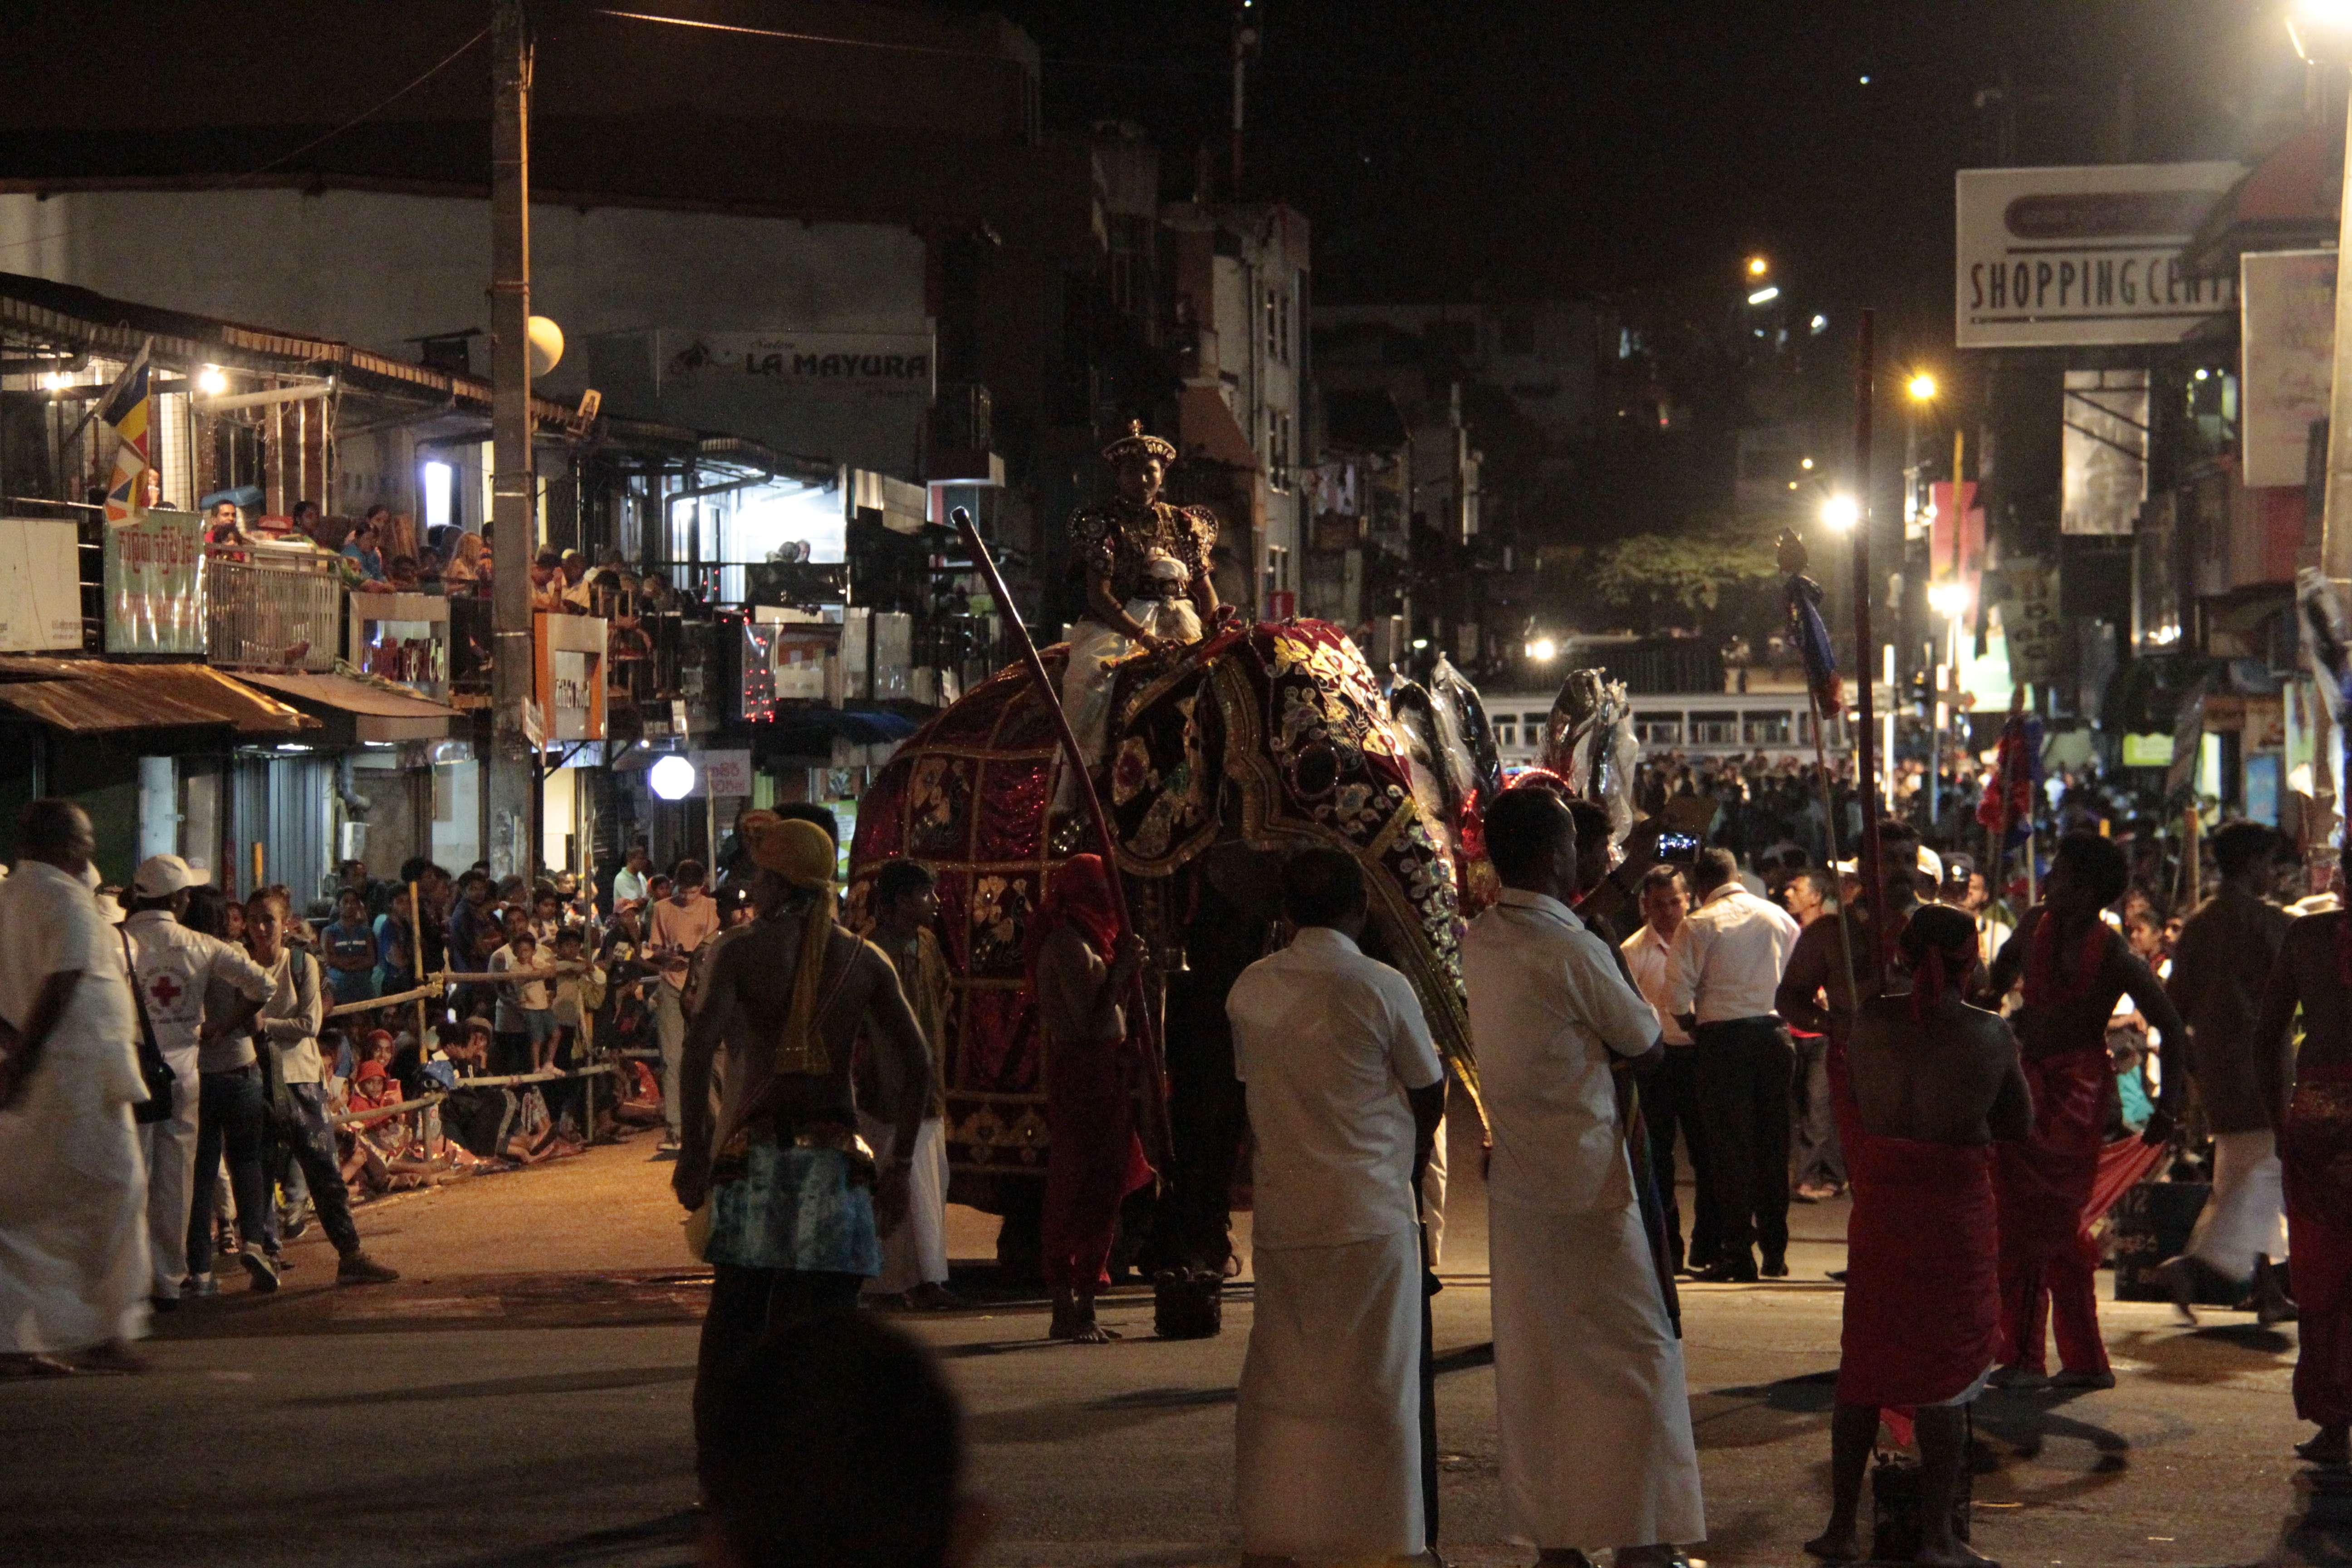 Sri Lanka aout 2017_0051 Kandy Esala Perahera